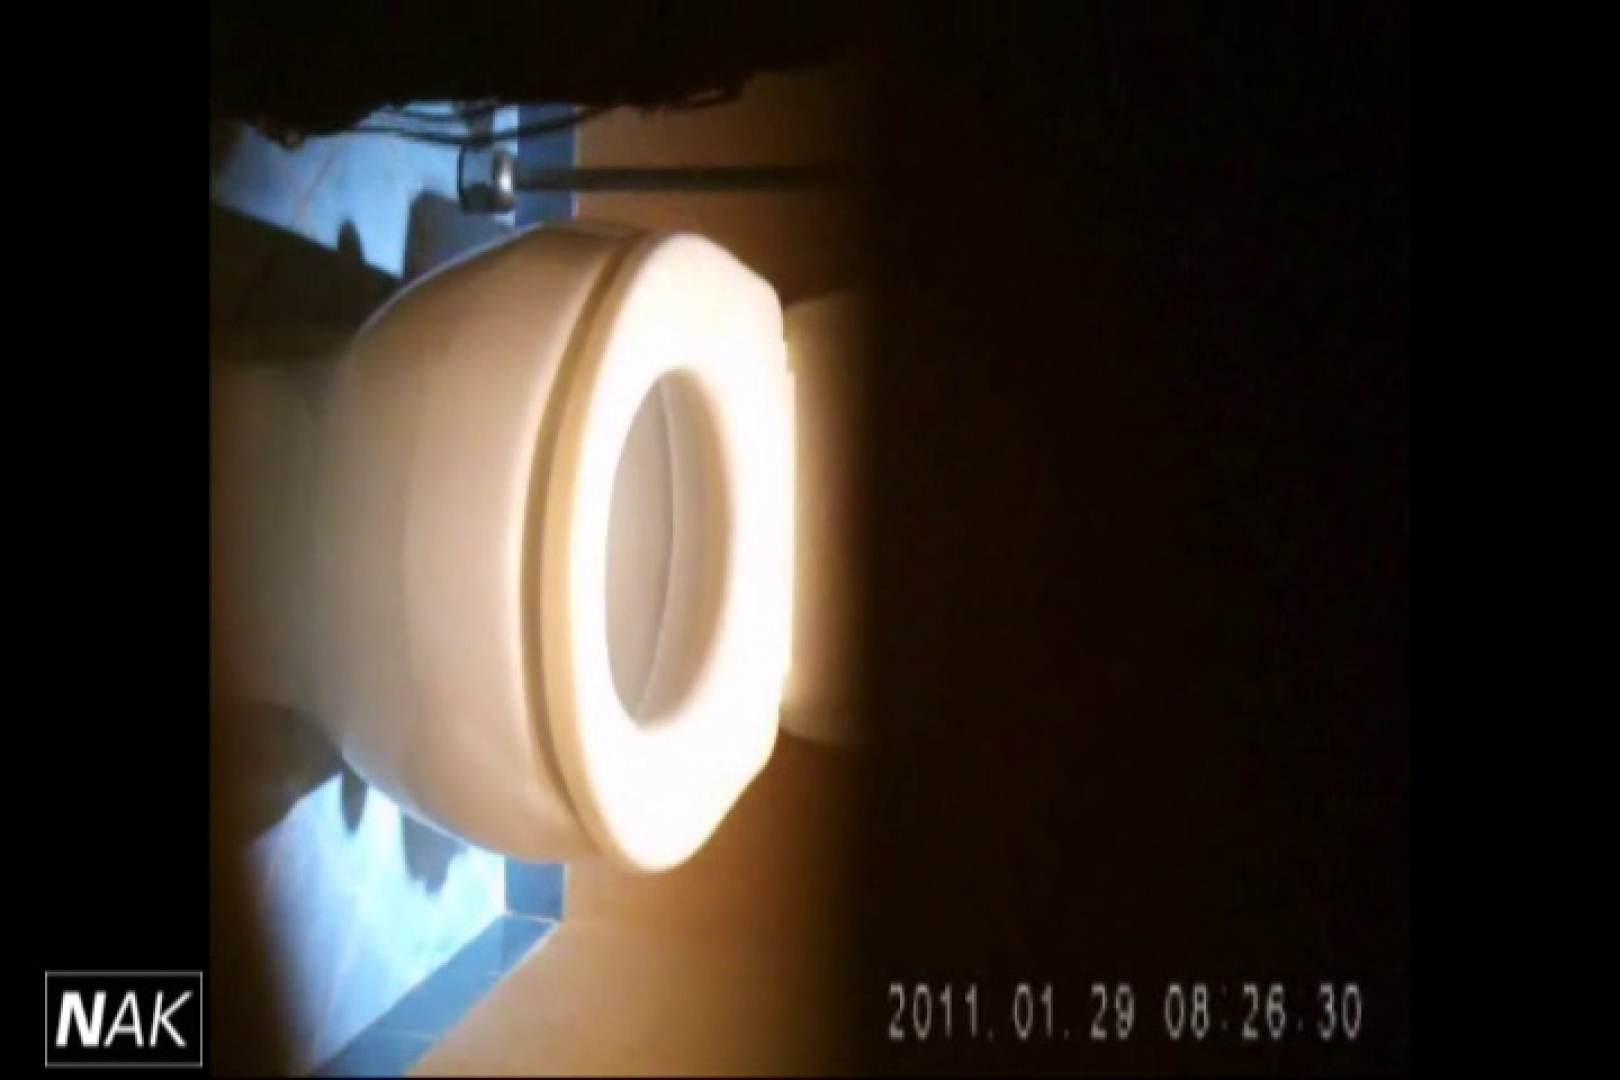 せん八さんの厠観察日記!2点監視カメラ 高画質5000K vol.17 高画質 | エロいお姉さん  9枚 9